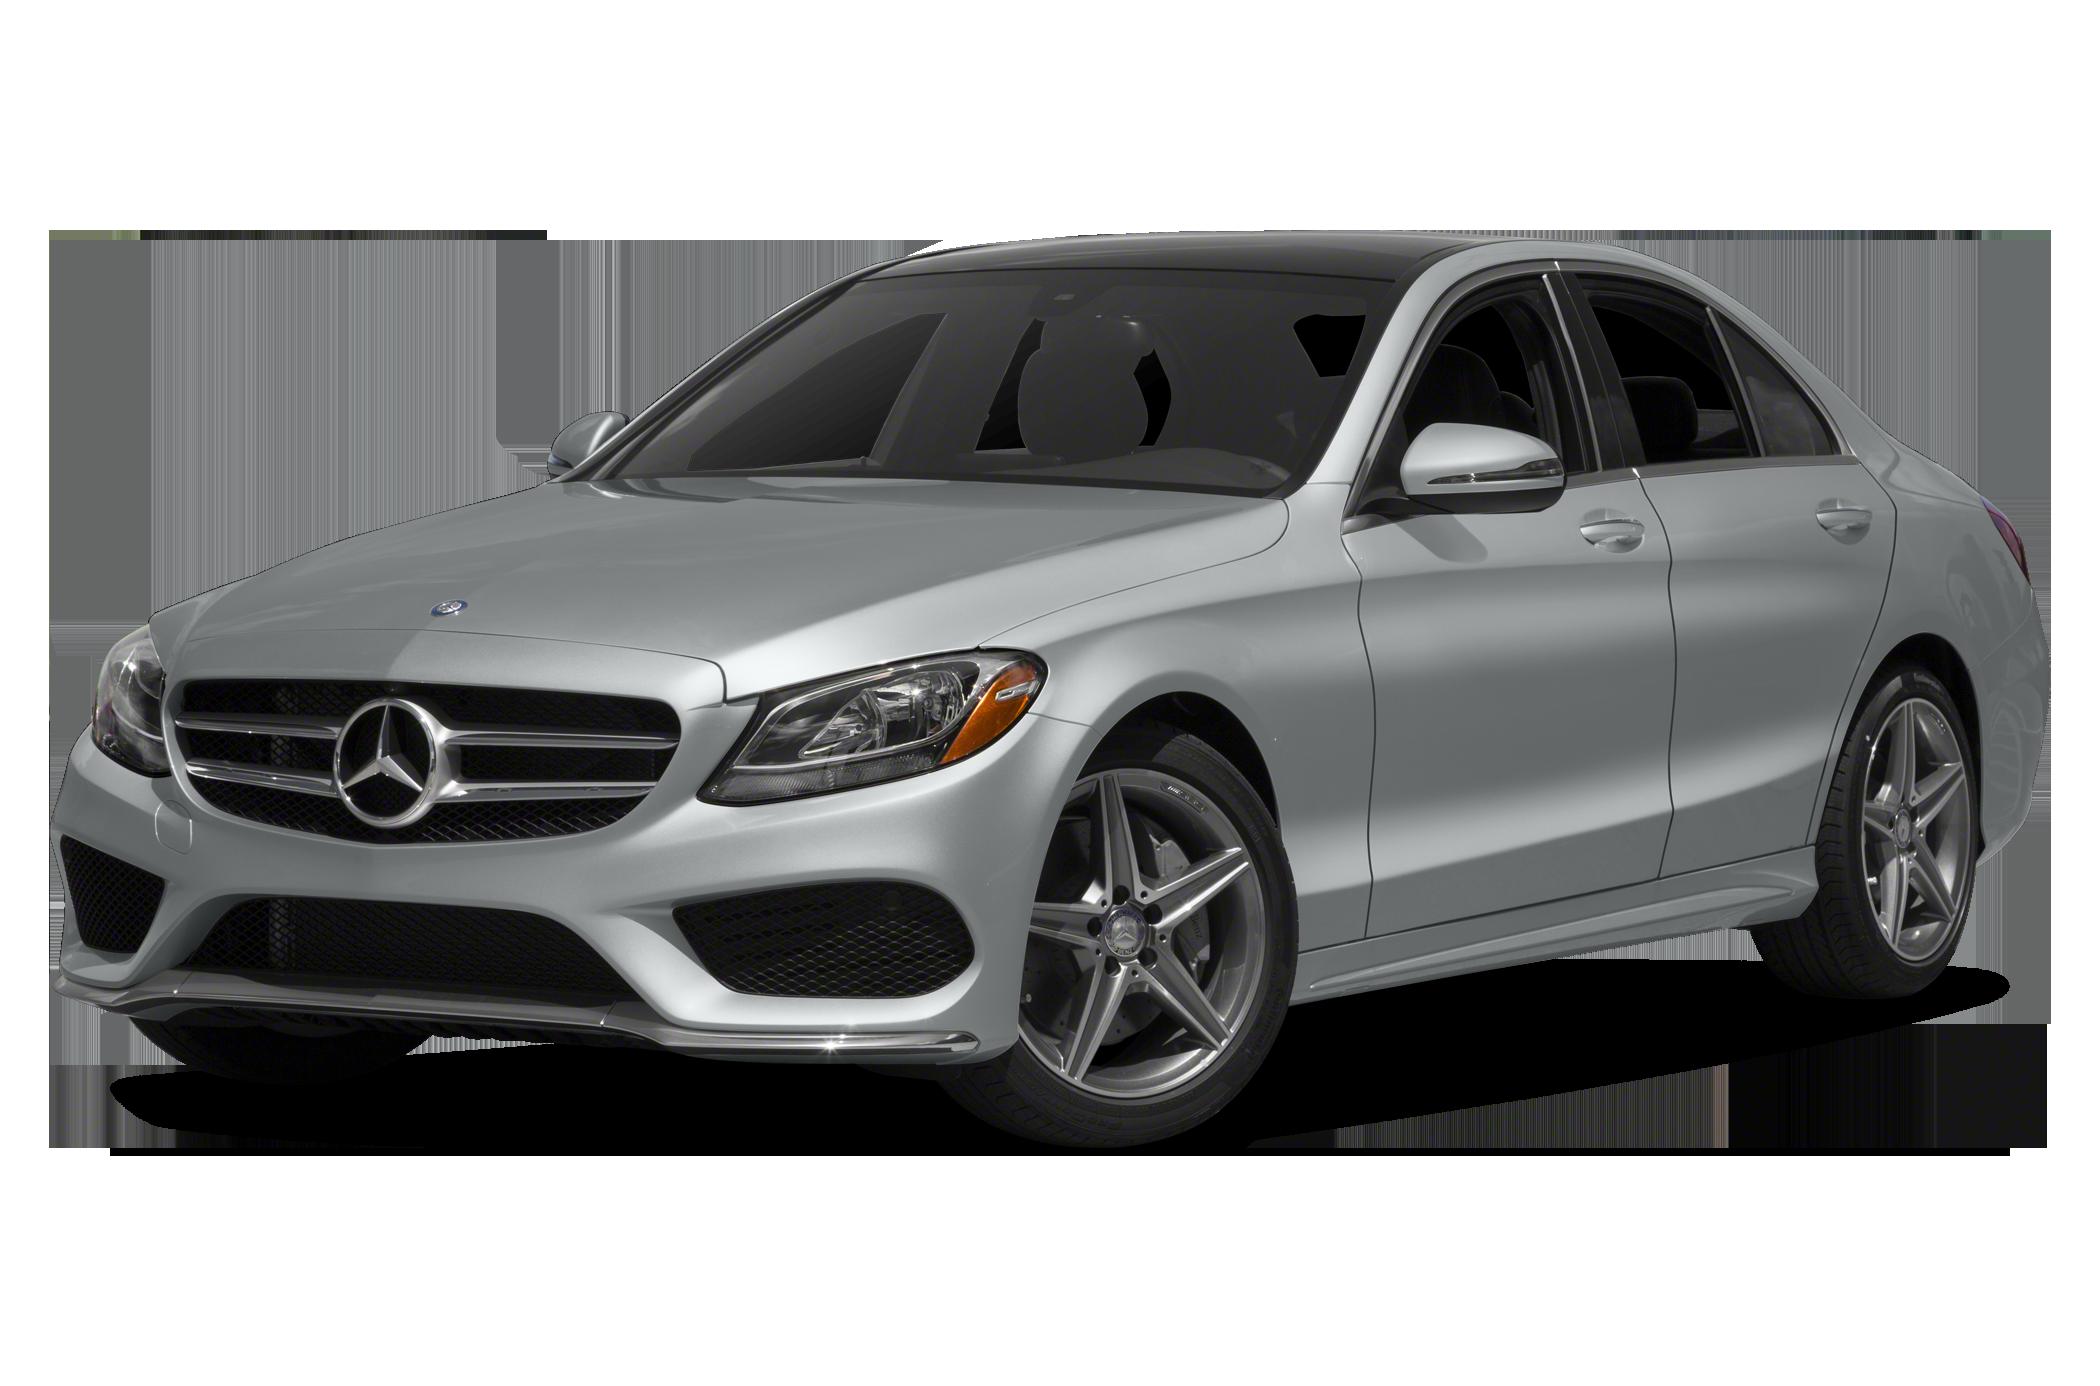 pare Mercedes benz C300 to Mercedes benz E300